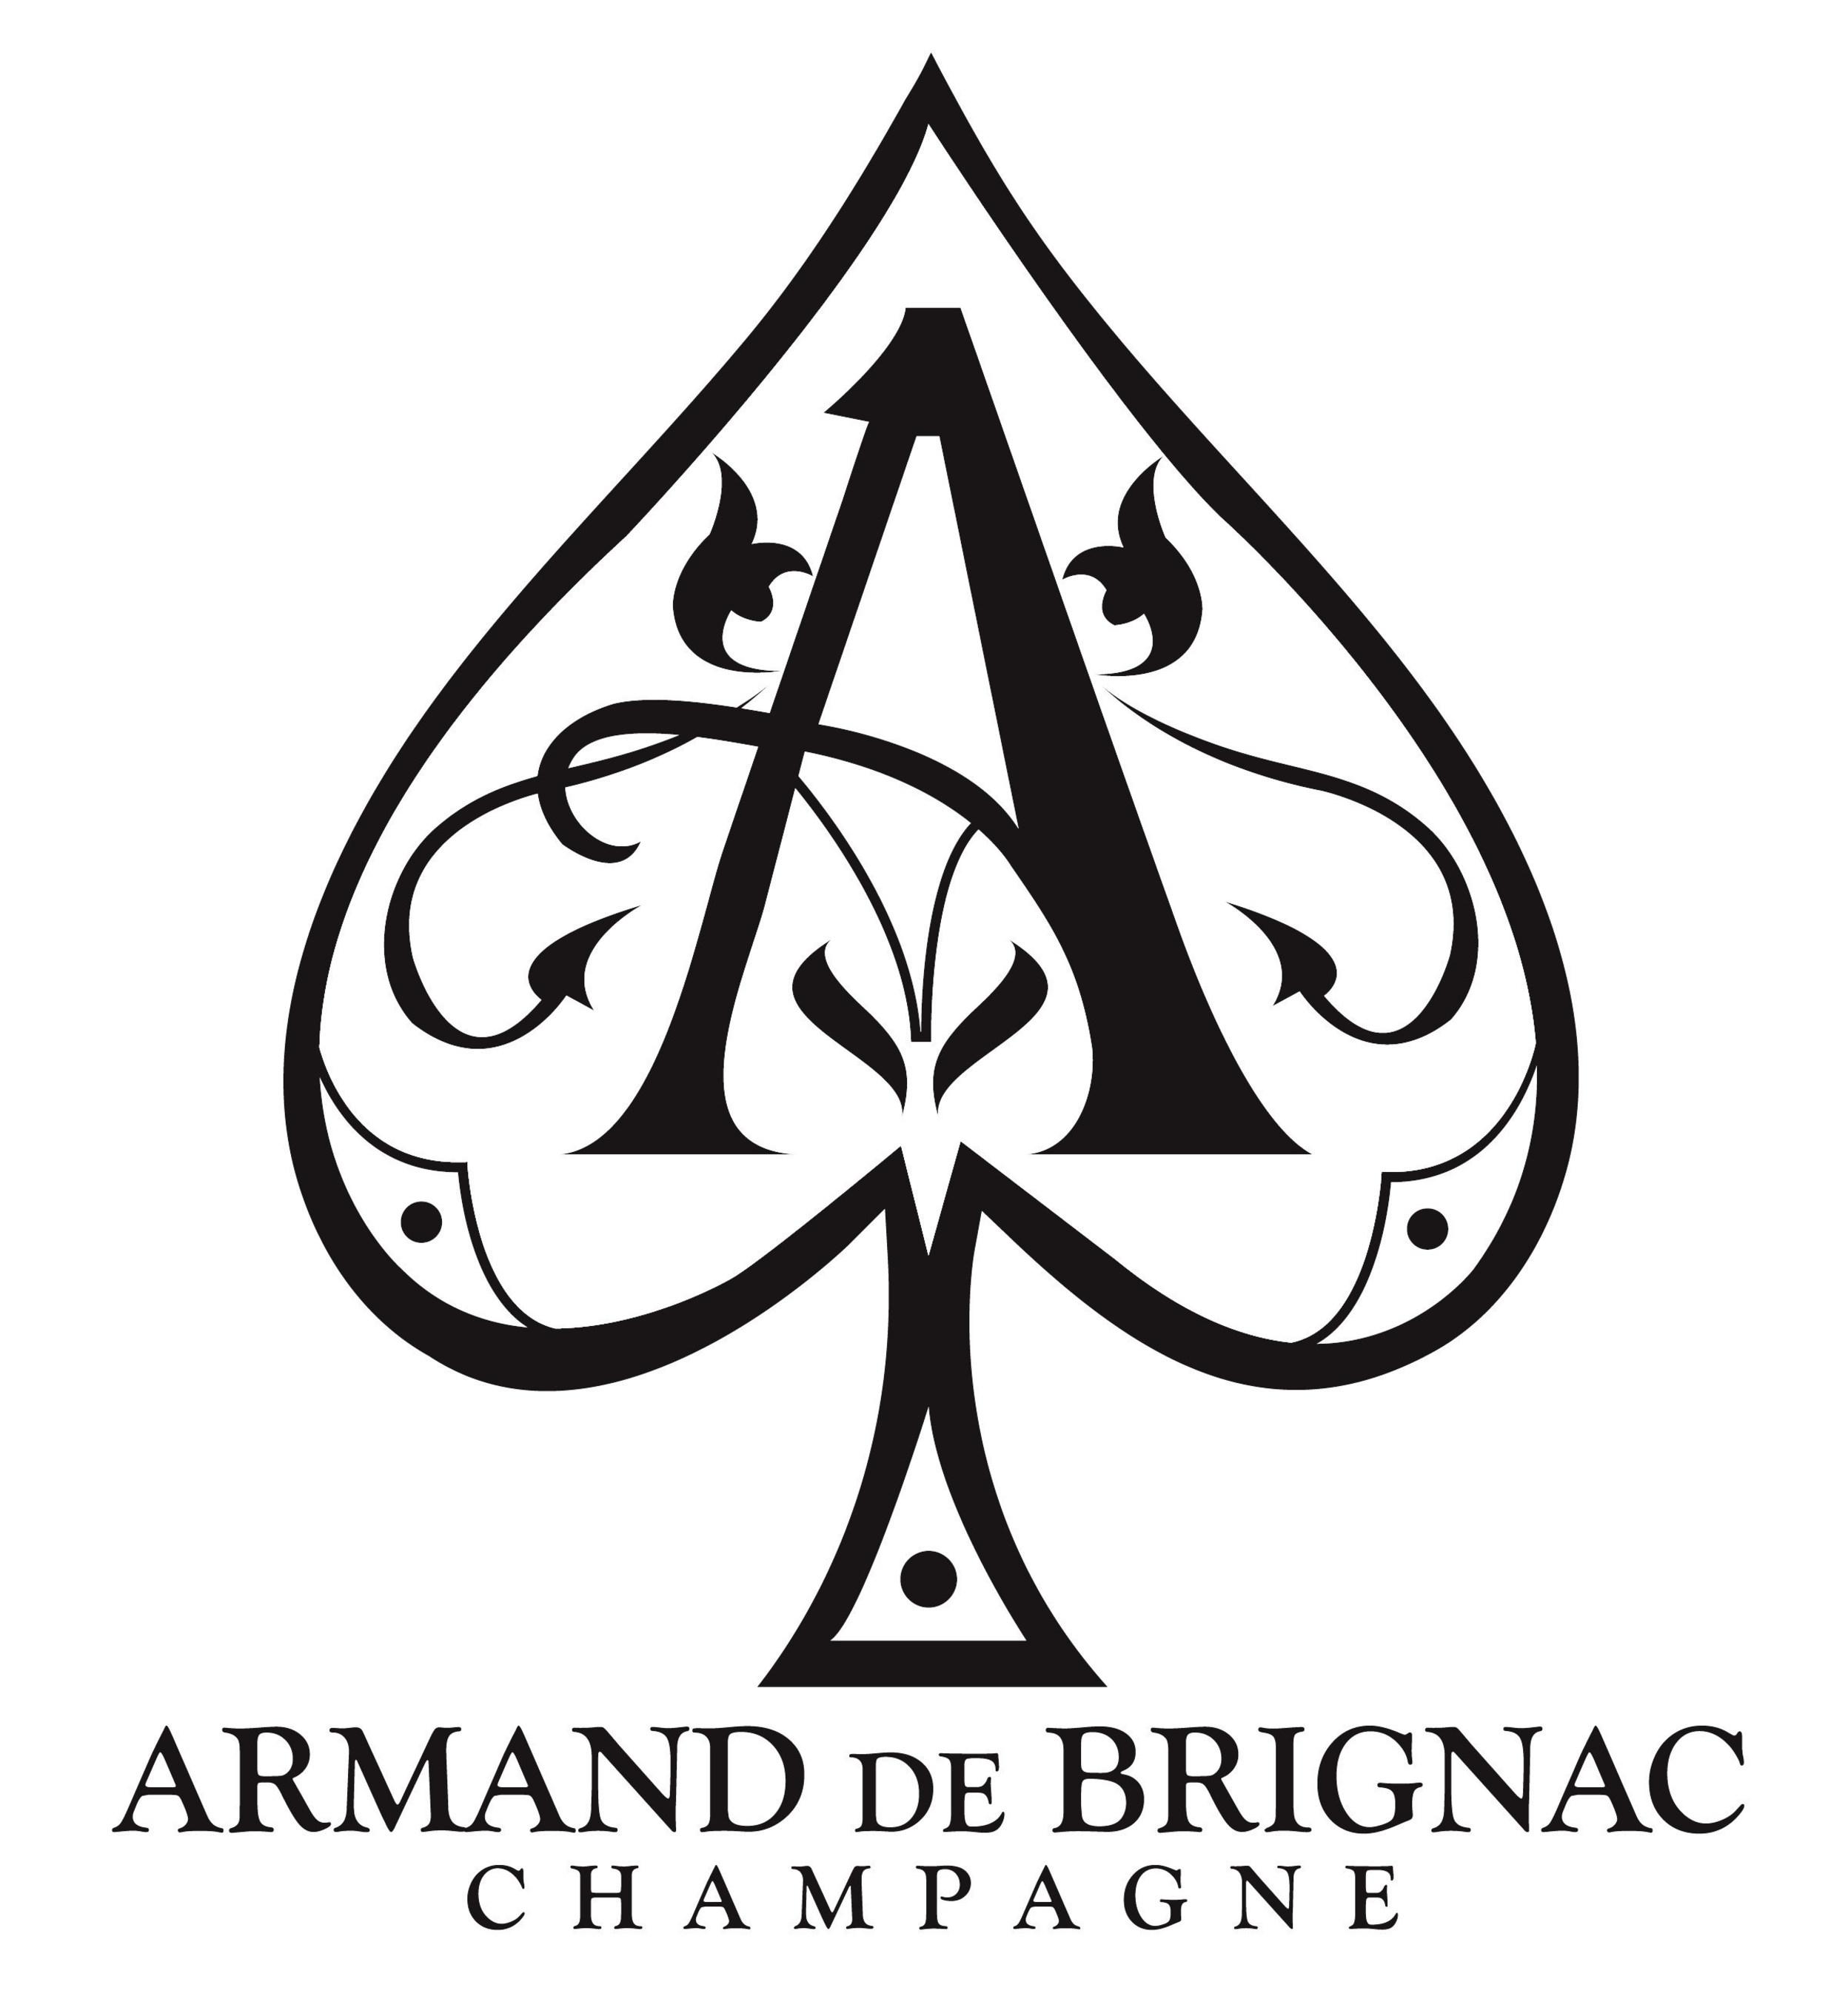 Armand de Brignac présente son nouveau champagne Blanc de Noirs